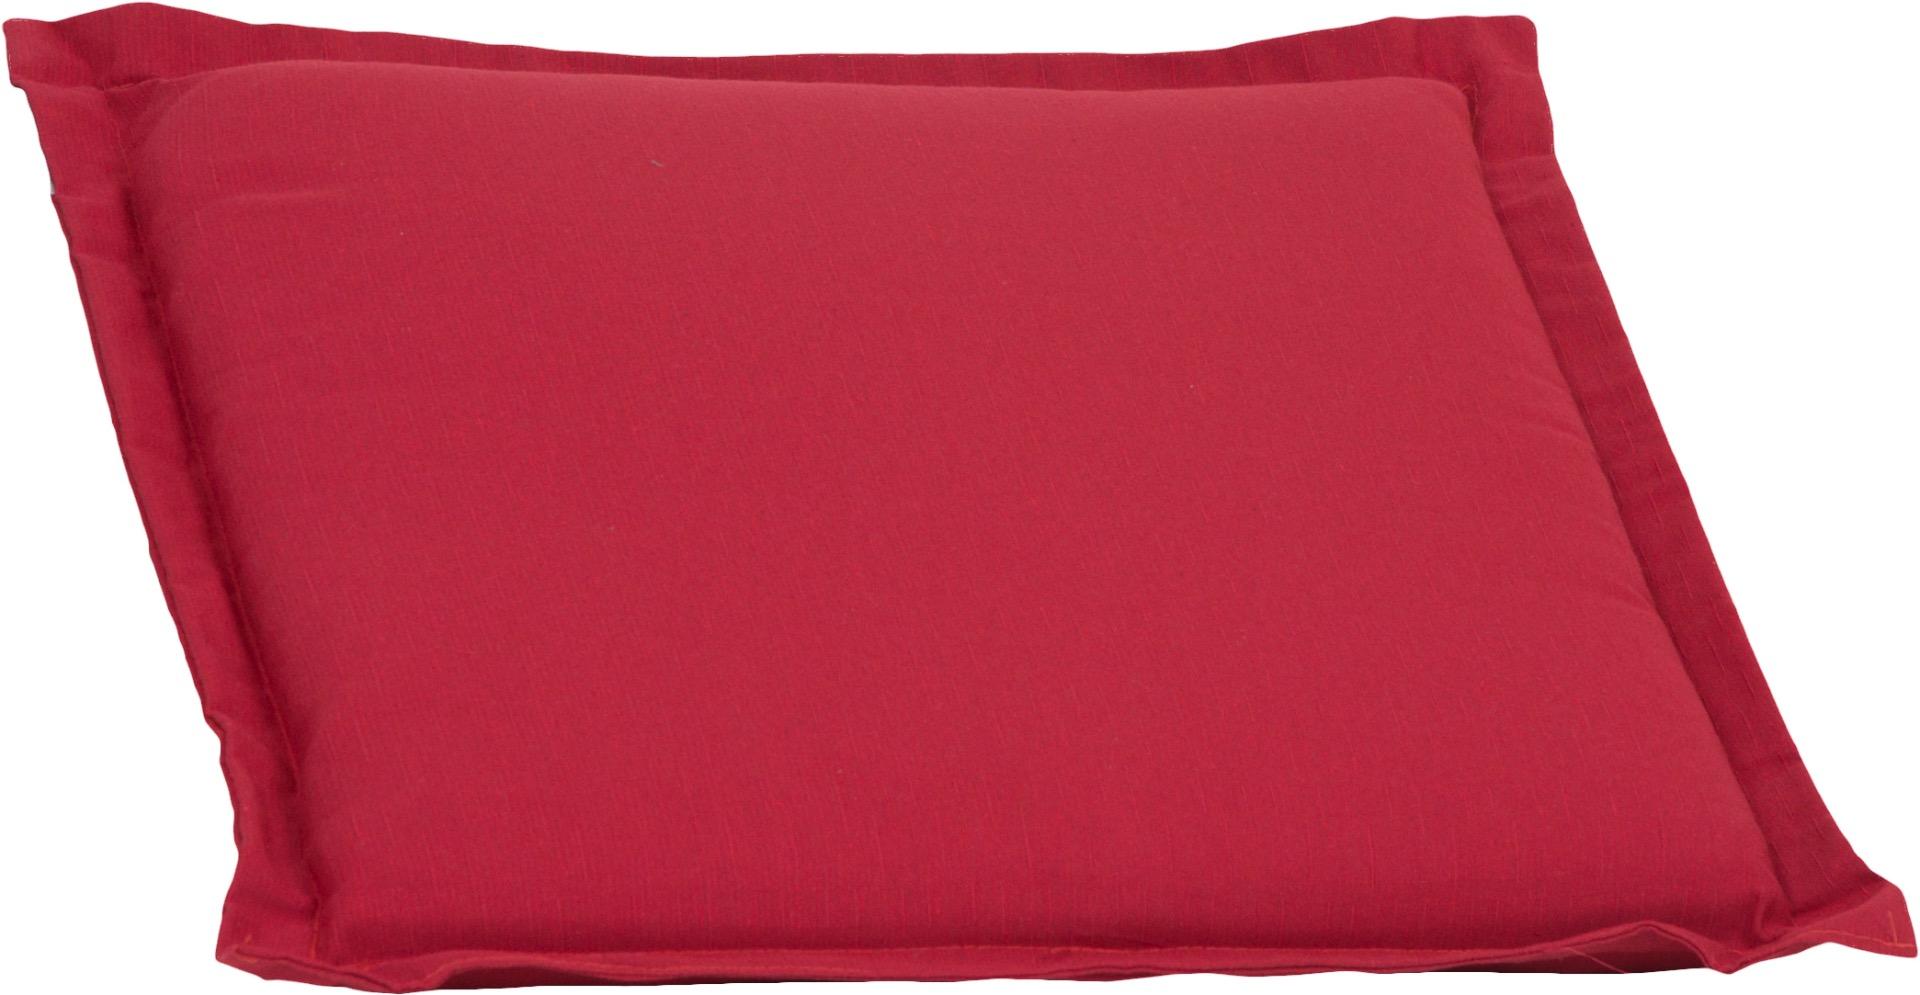 Bankauflage Sitzkissen ca. 49x46x6 cm rot meliert